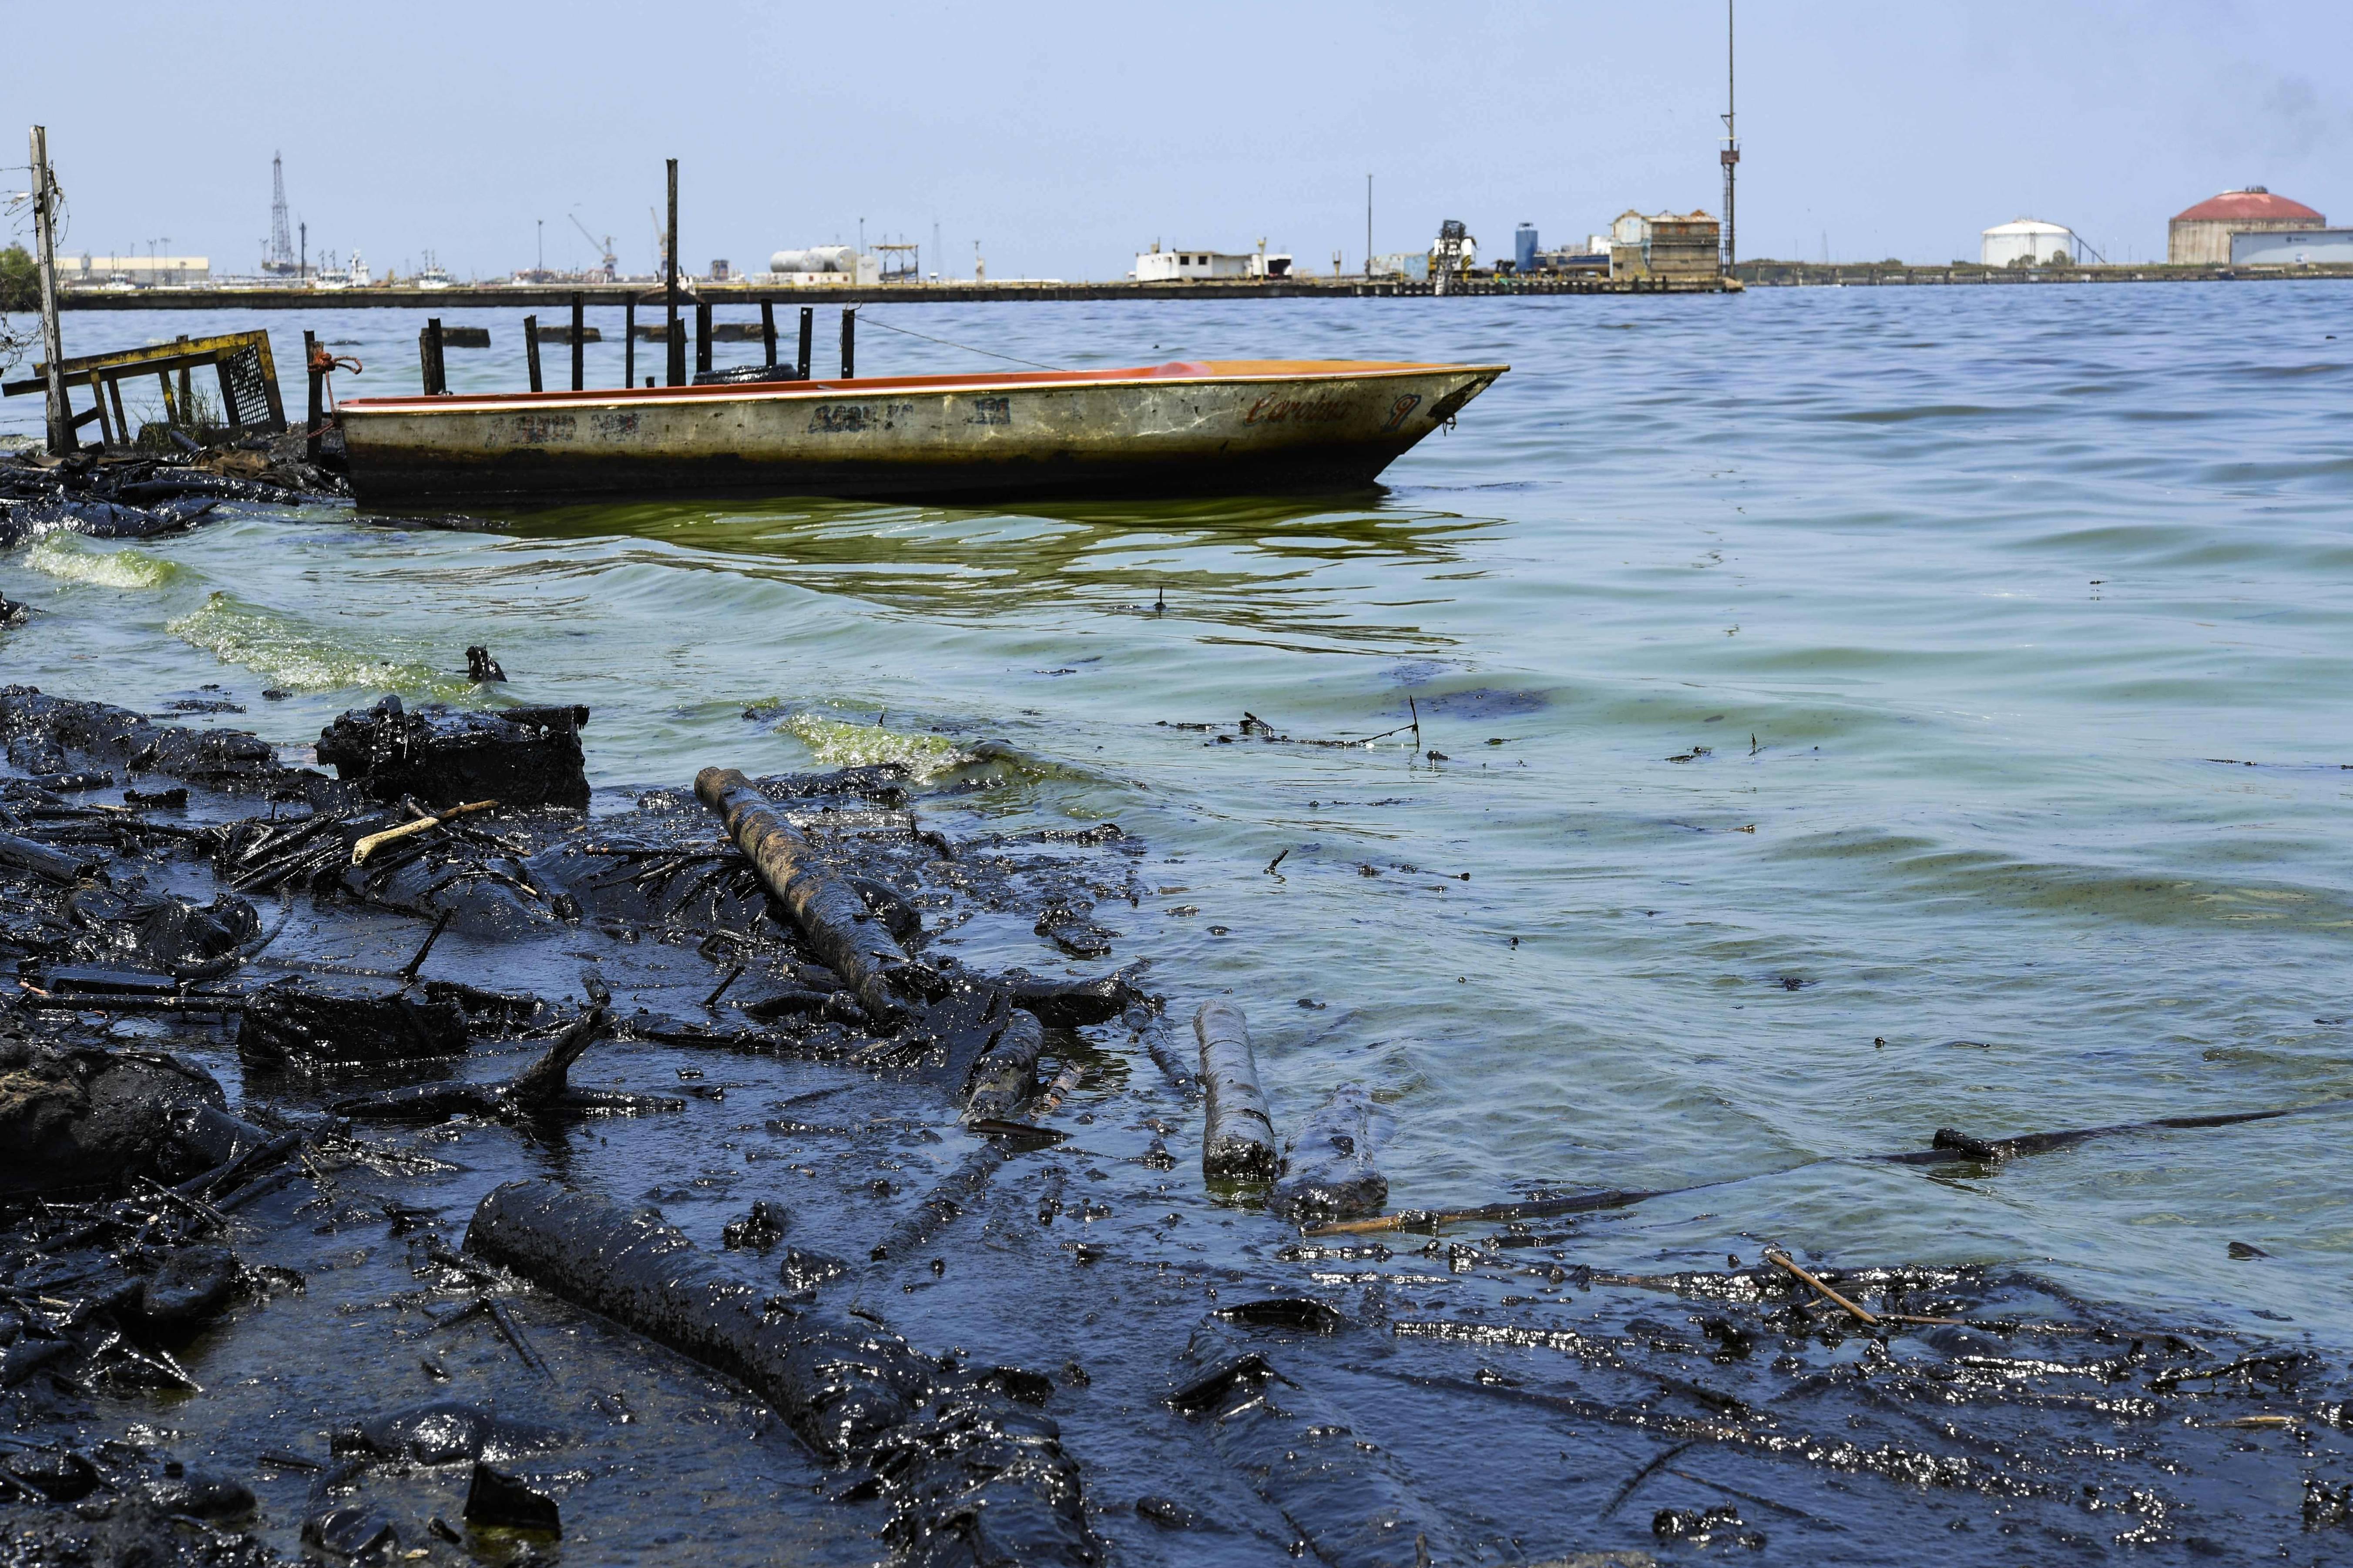 Derramamento de petróleo na margem do lago Maracaibo em Cabimas, perto de Maracaibo, estado de Zulia, Venezuela | FOTO: YURI CORTEZ/AFP